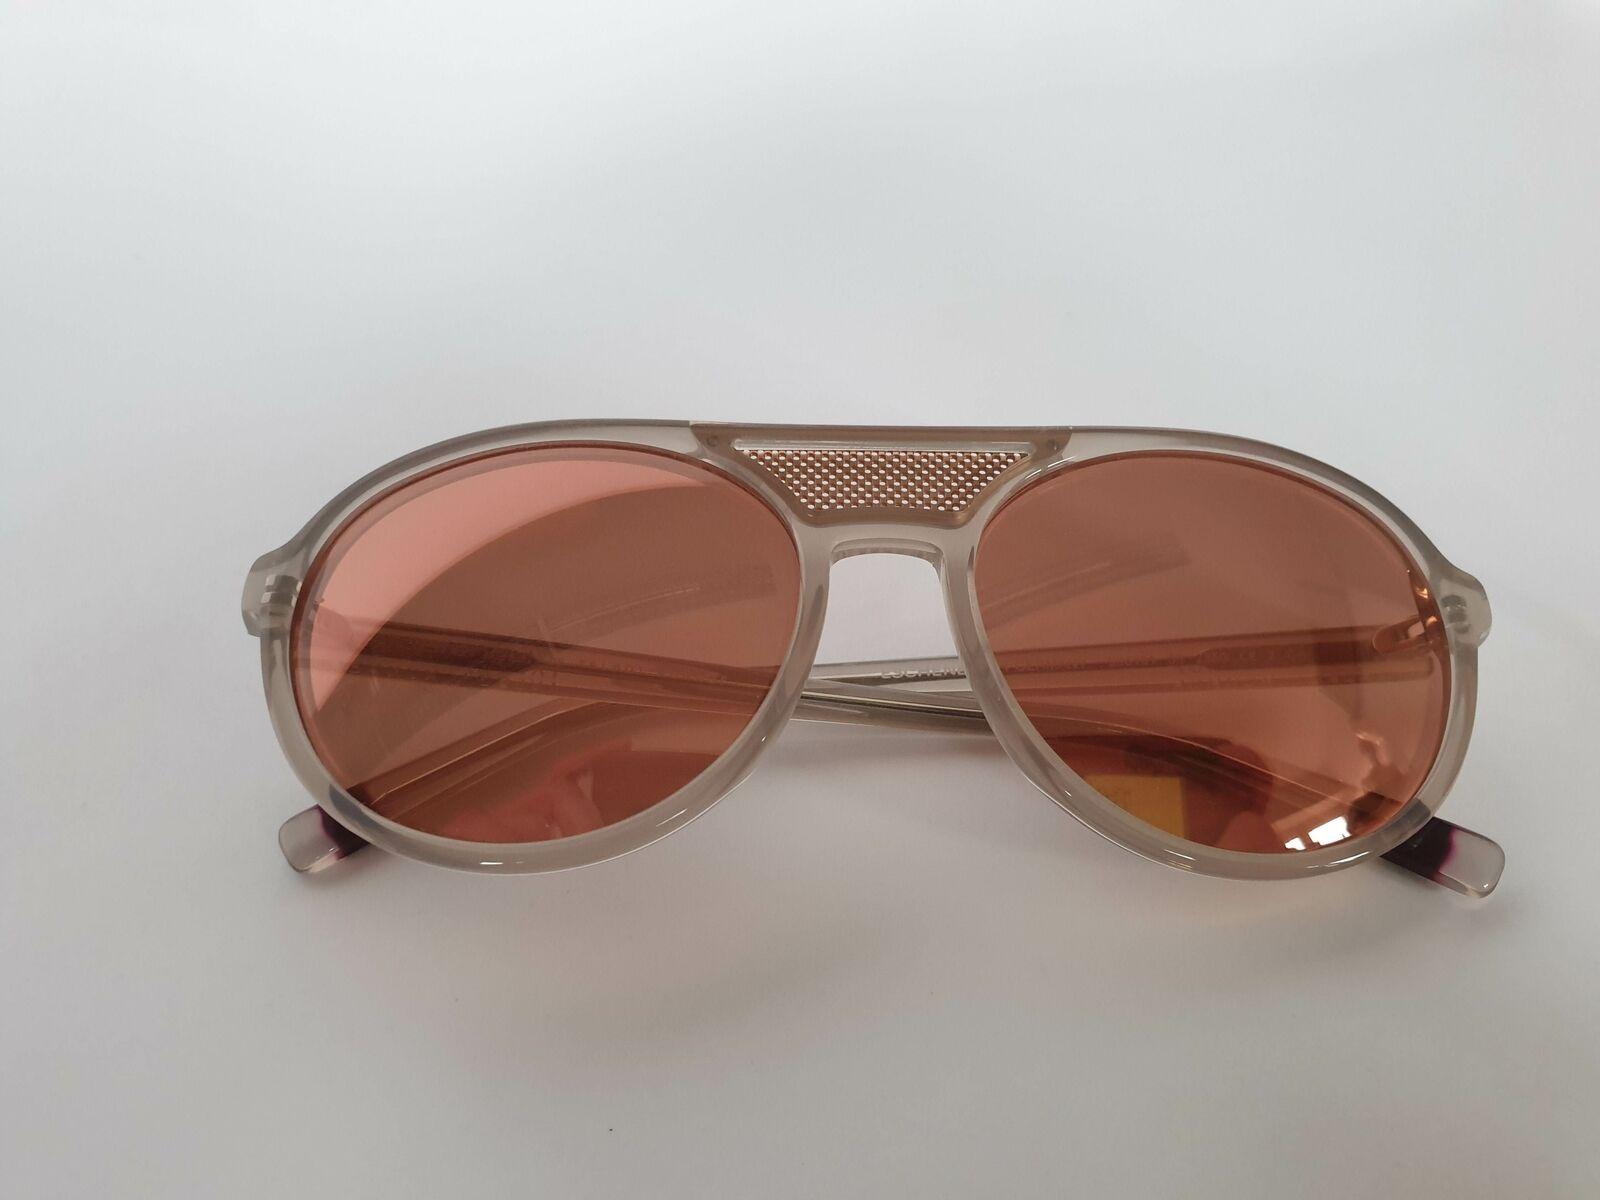 MTO RIE138 1 Marken Sonnenbrille Brille BRENDEL by Talbot Runhof 906101 NEU    | Schön und charmant